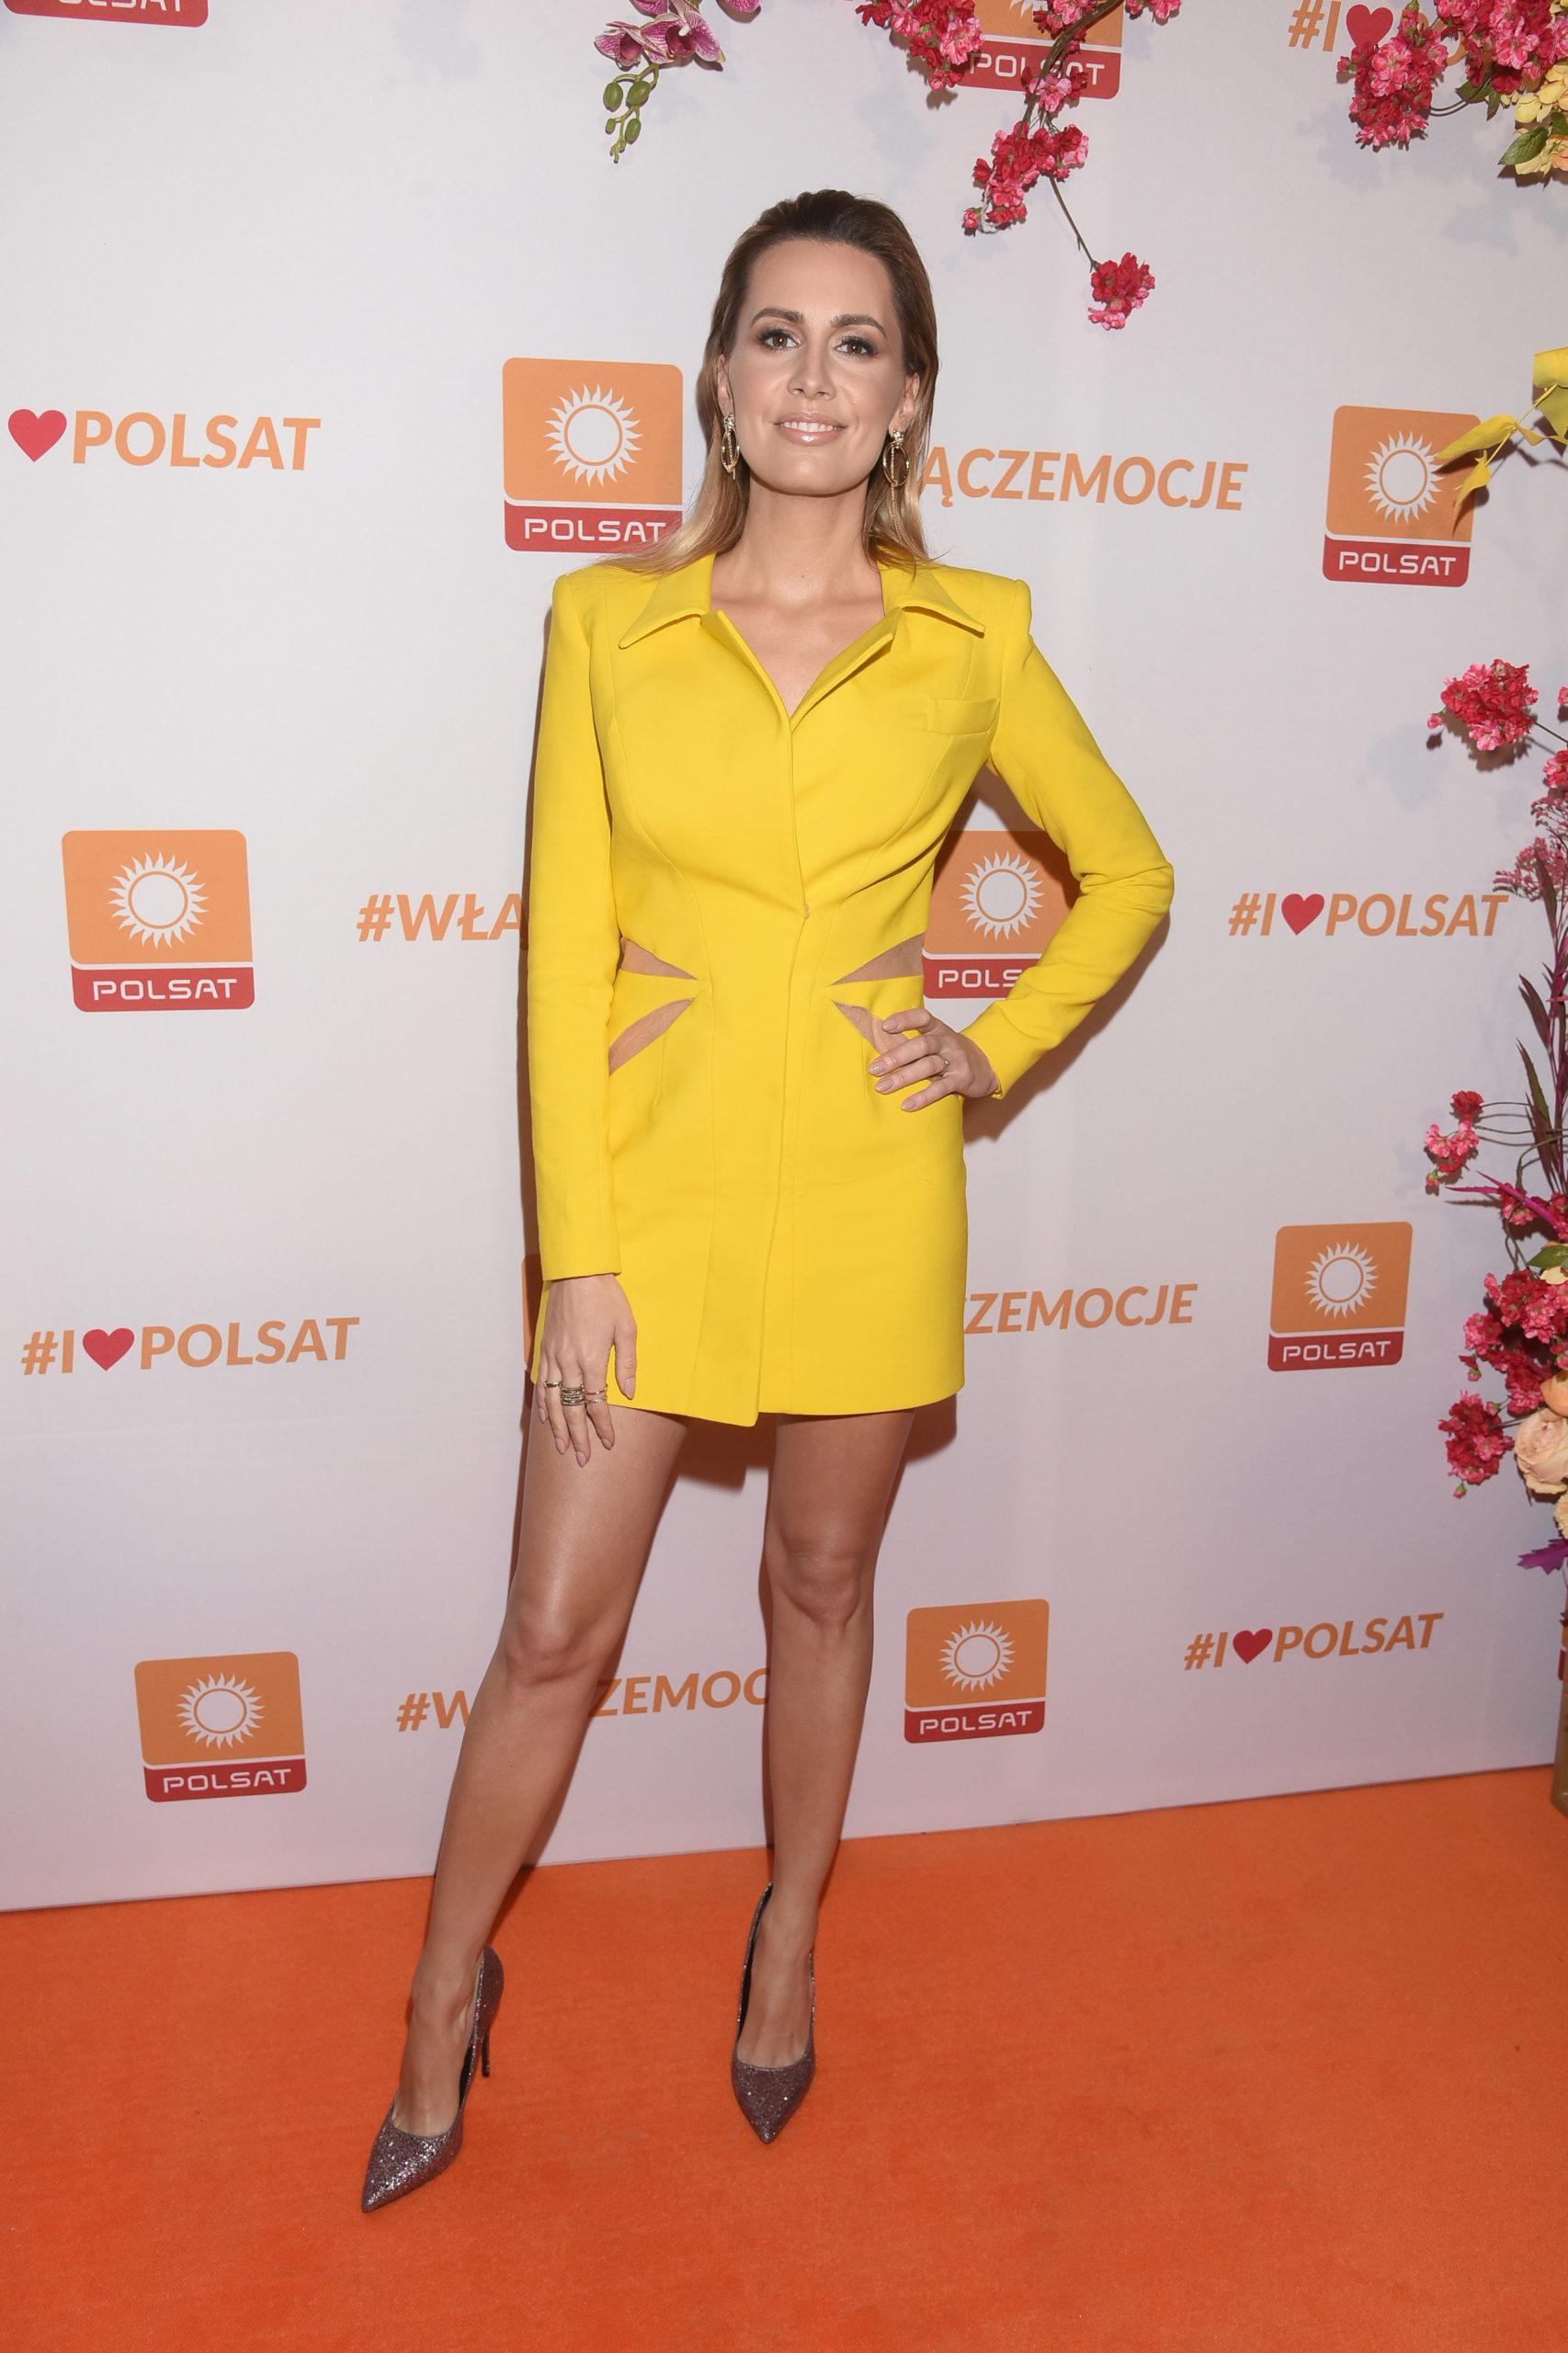 BlogStar: Piękne kobiety i przystojni mężczyźni - BlogStar.pl